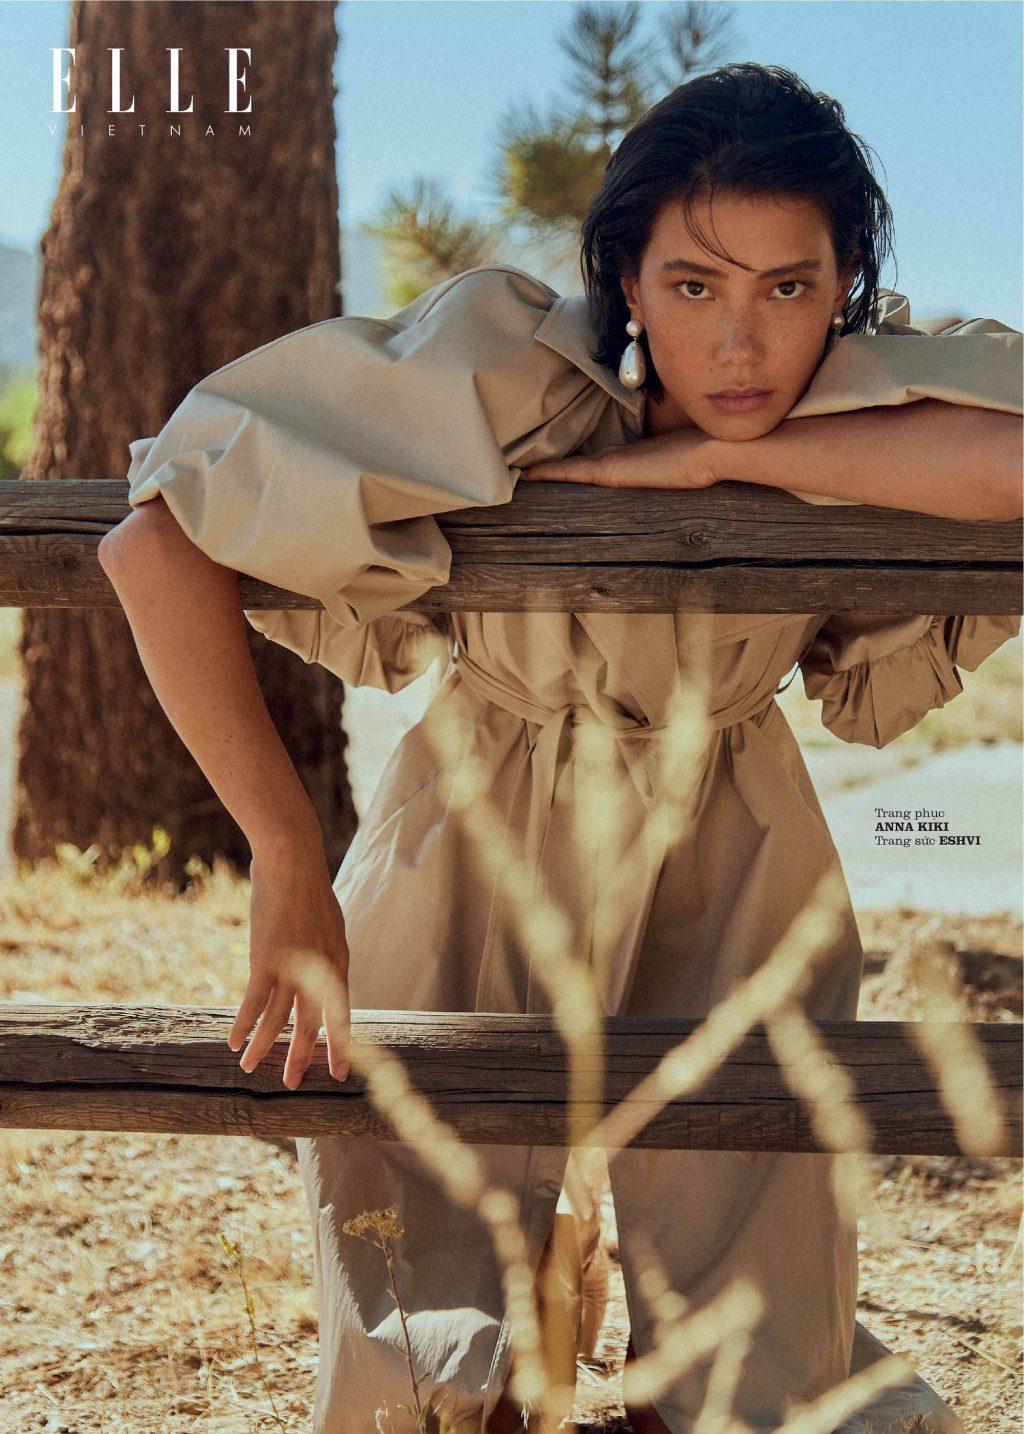 bộ ảnh thời trang Thu - Đông trang phục Anna Kiki